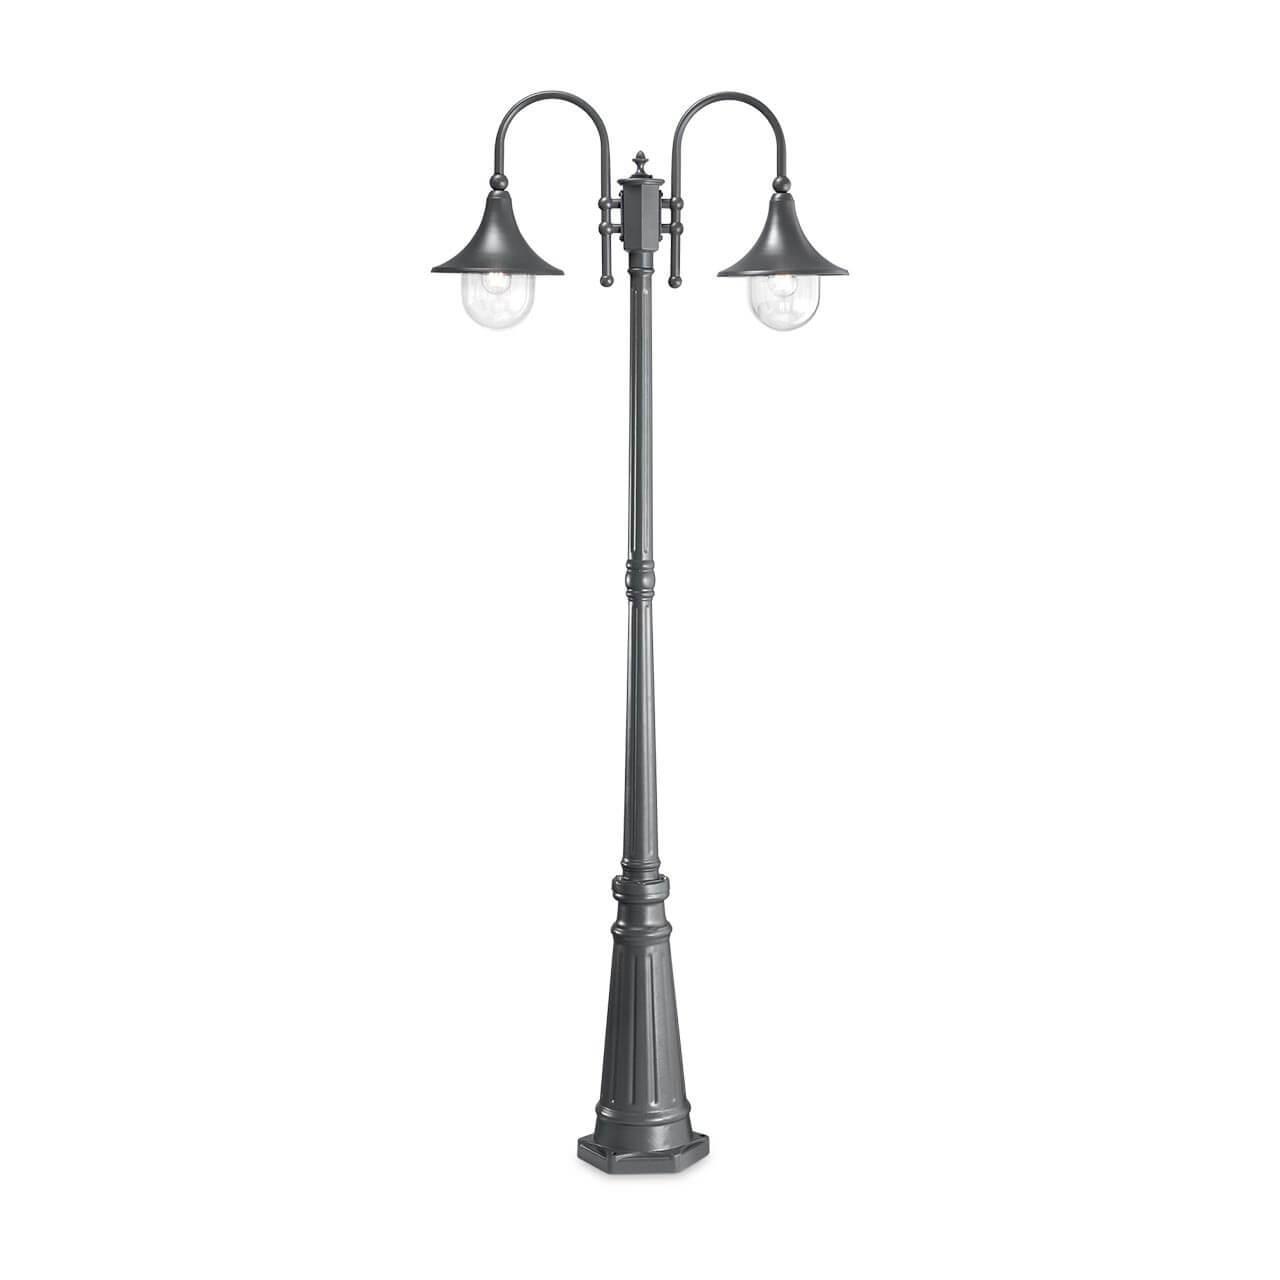 Садово-парковый светильник Ideal Lux Cima PT2 Antracite 246833